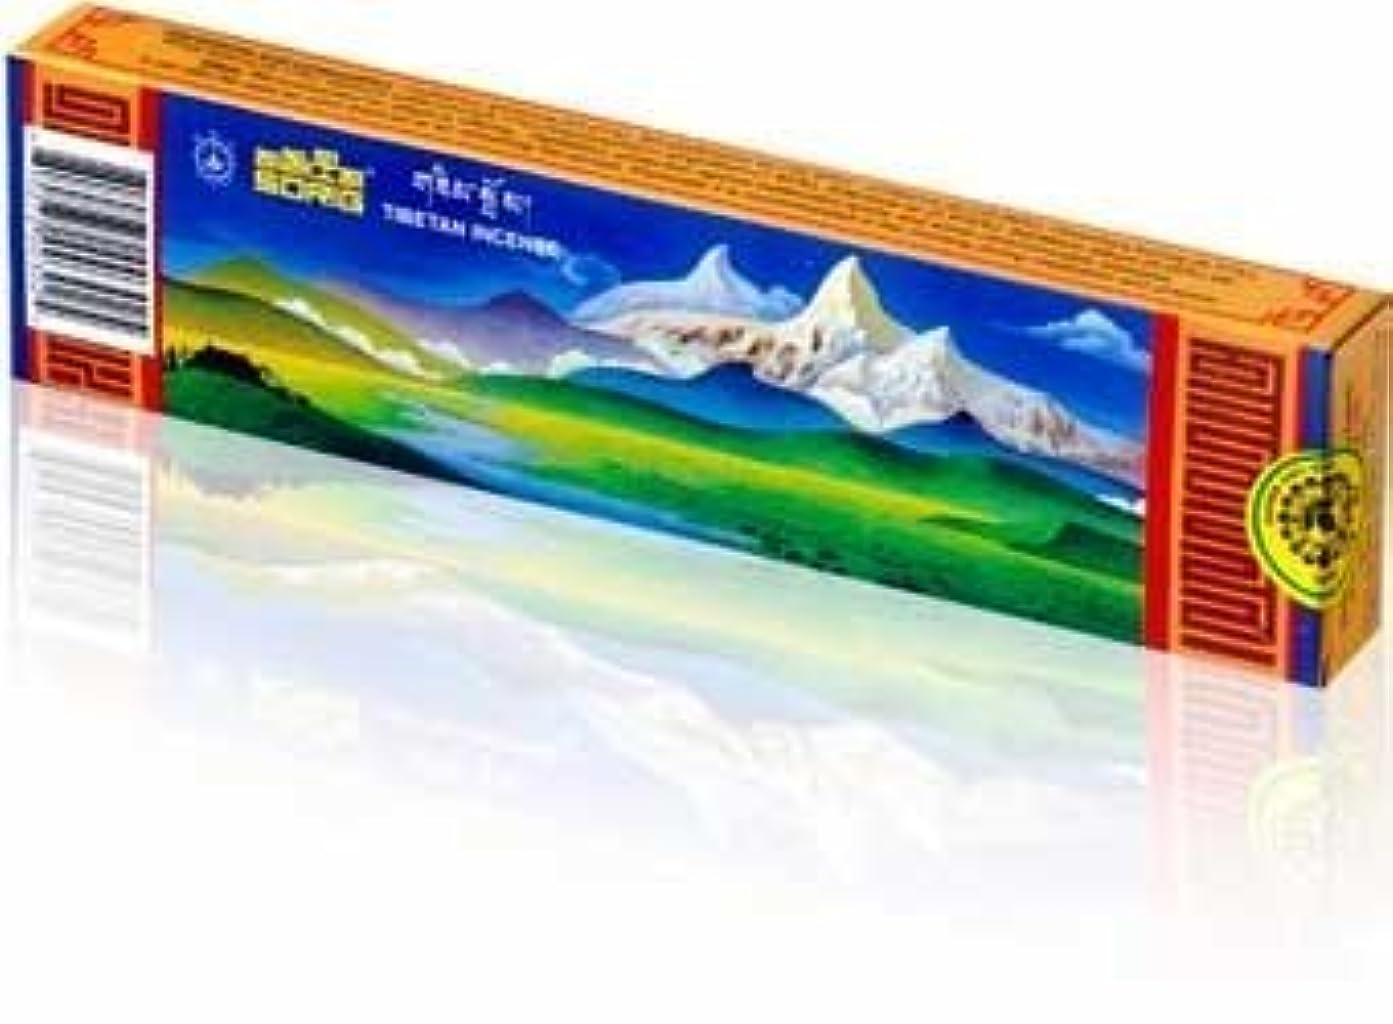 流いっぱい規制Sorig Natural Handmade Tibetan Incense Sticks by Men-Tsee-Khang- 20/40/60 Count (40) by Men-Tsee-Khang [並行輸入品]